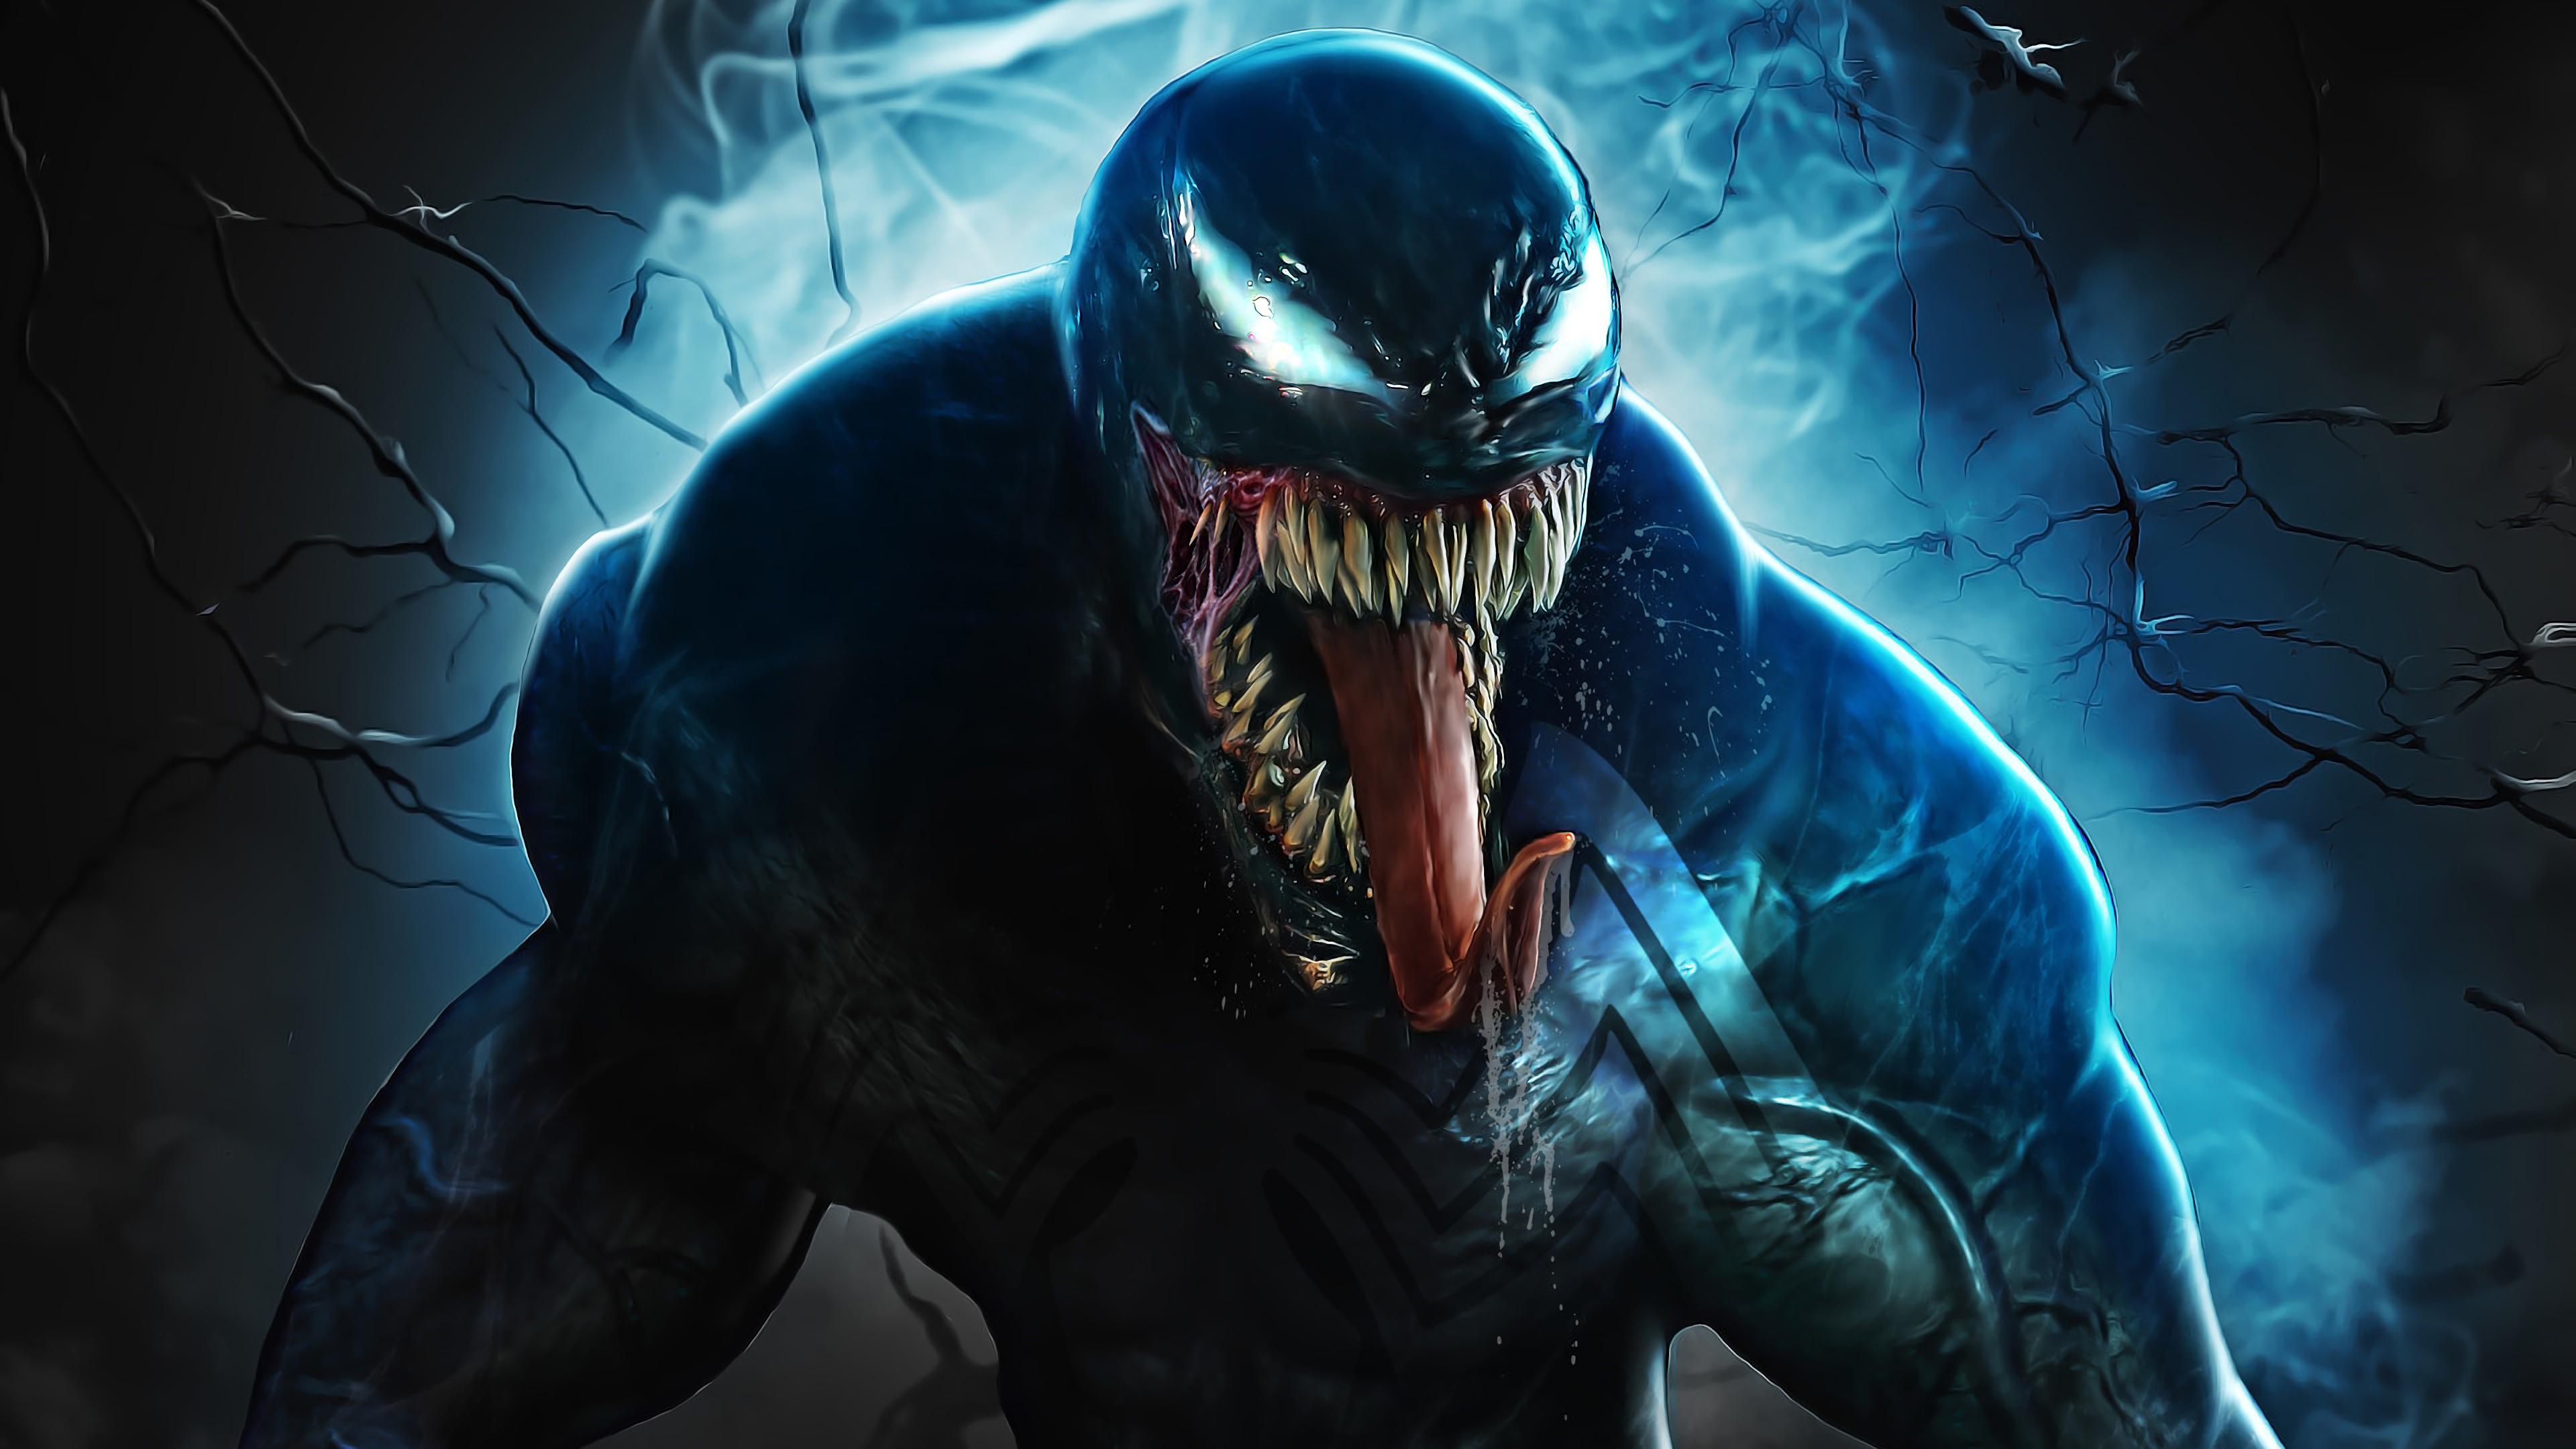 Epic Movie Hd Wallpapers Venom 4k 8k Hd Marvel Wallpaper